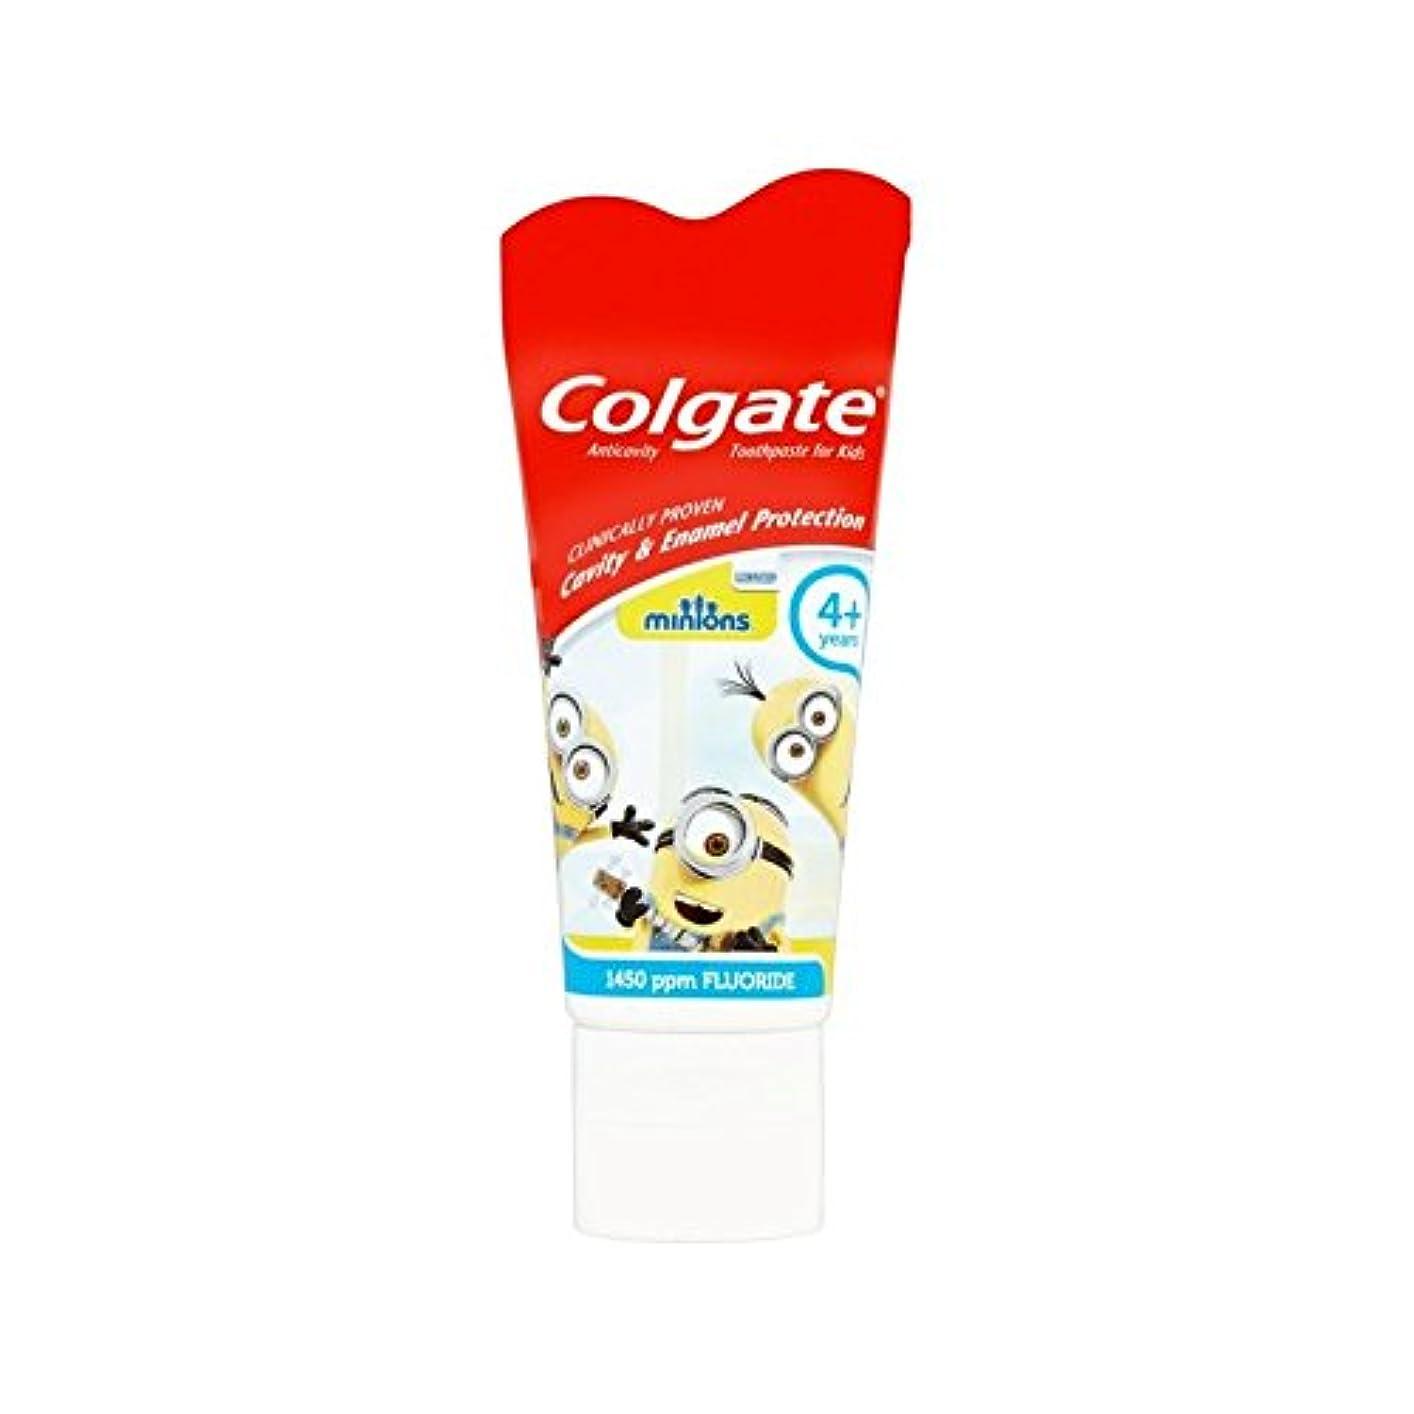 テンポストリップ事業手下の子供4+歯磨き粉50ミリリットル (Colgate) - Colgate Minions Kids 4+ Toothpaste 50ml [並行輸入品]